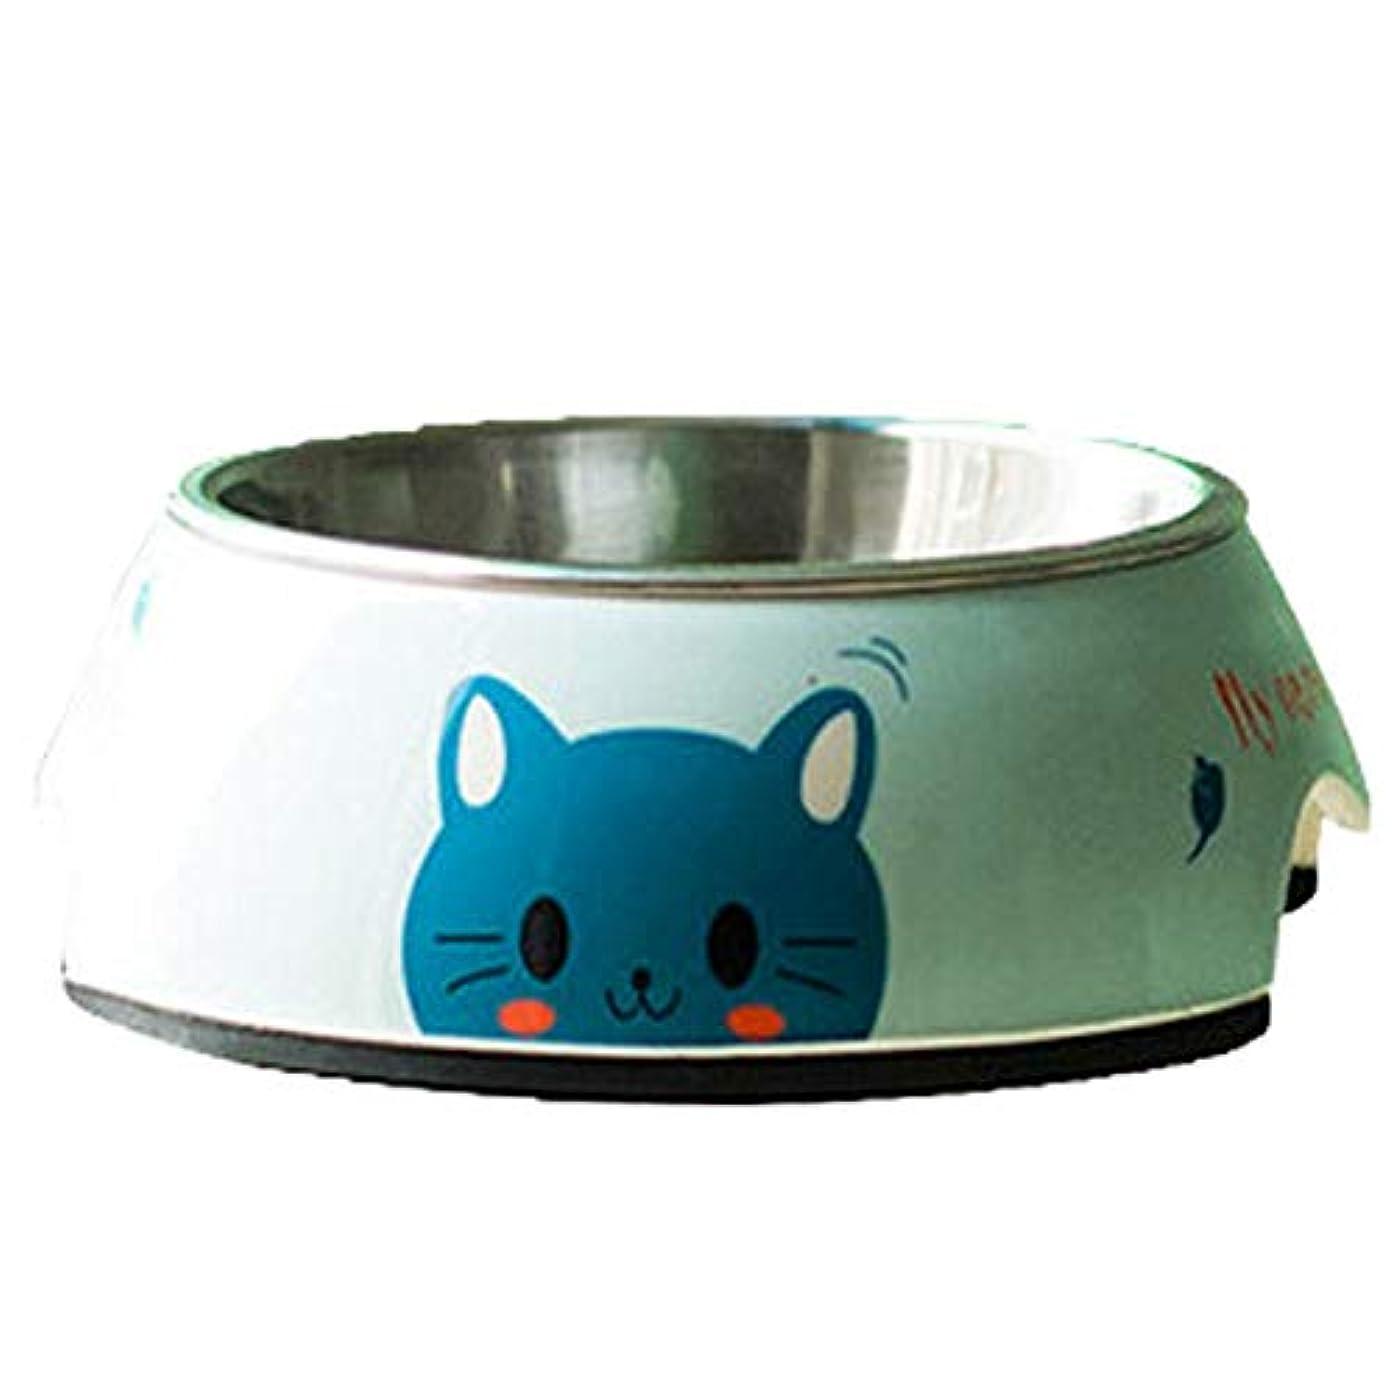 巻き取りハッピー流出Xian ペットボウル、塗装ペットステンレススチールフードボウル、猫と犬の給餌ボウル - 飲むボウルSコードボウル底直径 - 5.6インチ - 上直径 - 4.4インチボウルの高さ - 1.8インチ - 骨のパターン Easy to Clean Non-Skid Bowls for Dogs (PATTERN : Bluecat, Size : 7*5.6*2.6)